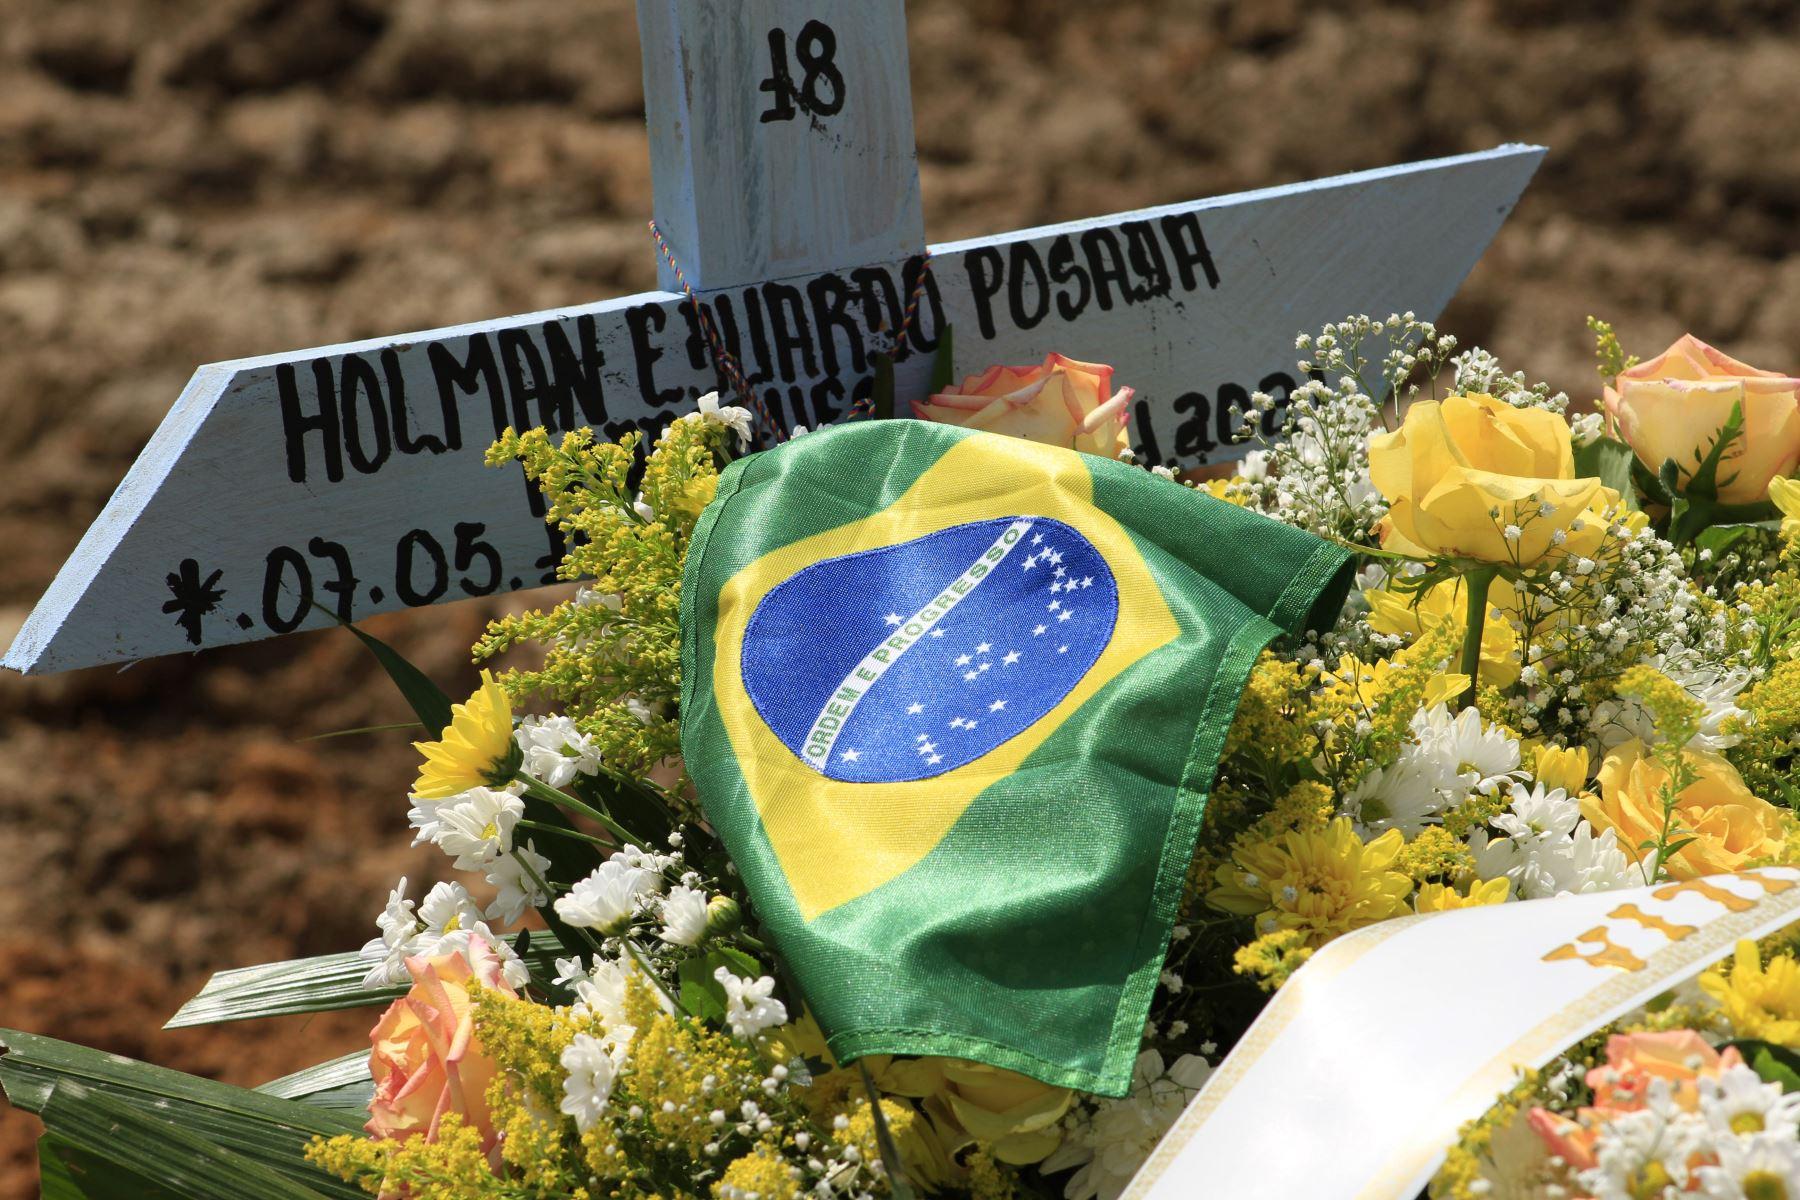 Una víctima de COVID-19 con la bandera brasileña en el cementerio de Nossa Senhora Aparecida en Manaus, estado de Amazonas, Brasil,  en medio de la pandemia del nuevo coronavirus.  Foto: AFP